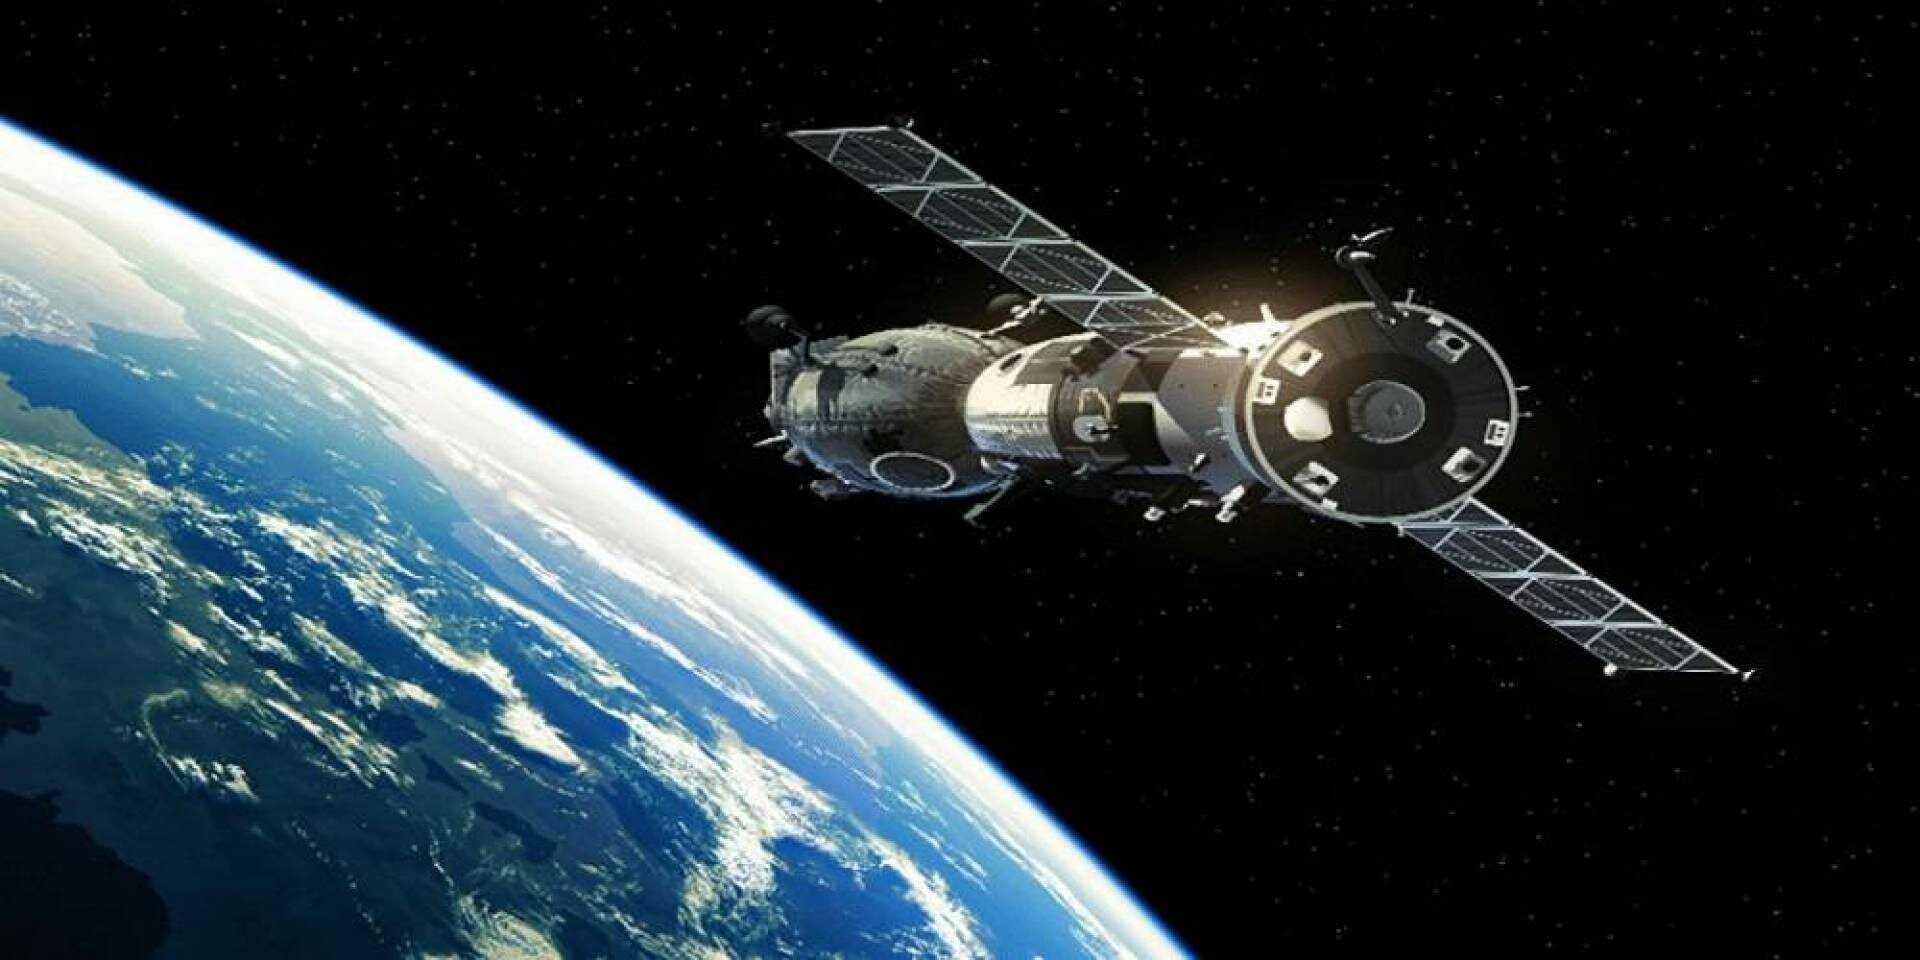 اقتصاد الفضاء يسجل أرقاماً قياسية خلال العقد المقبل